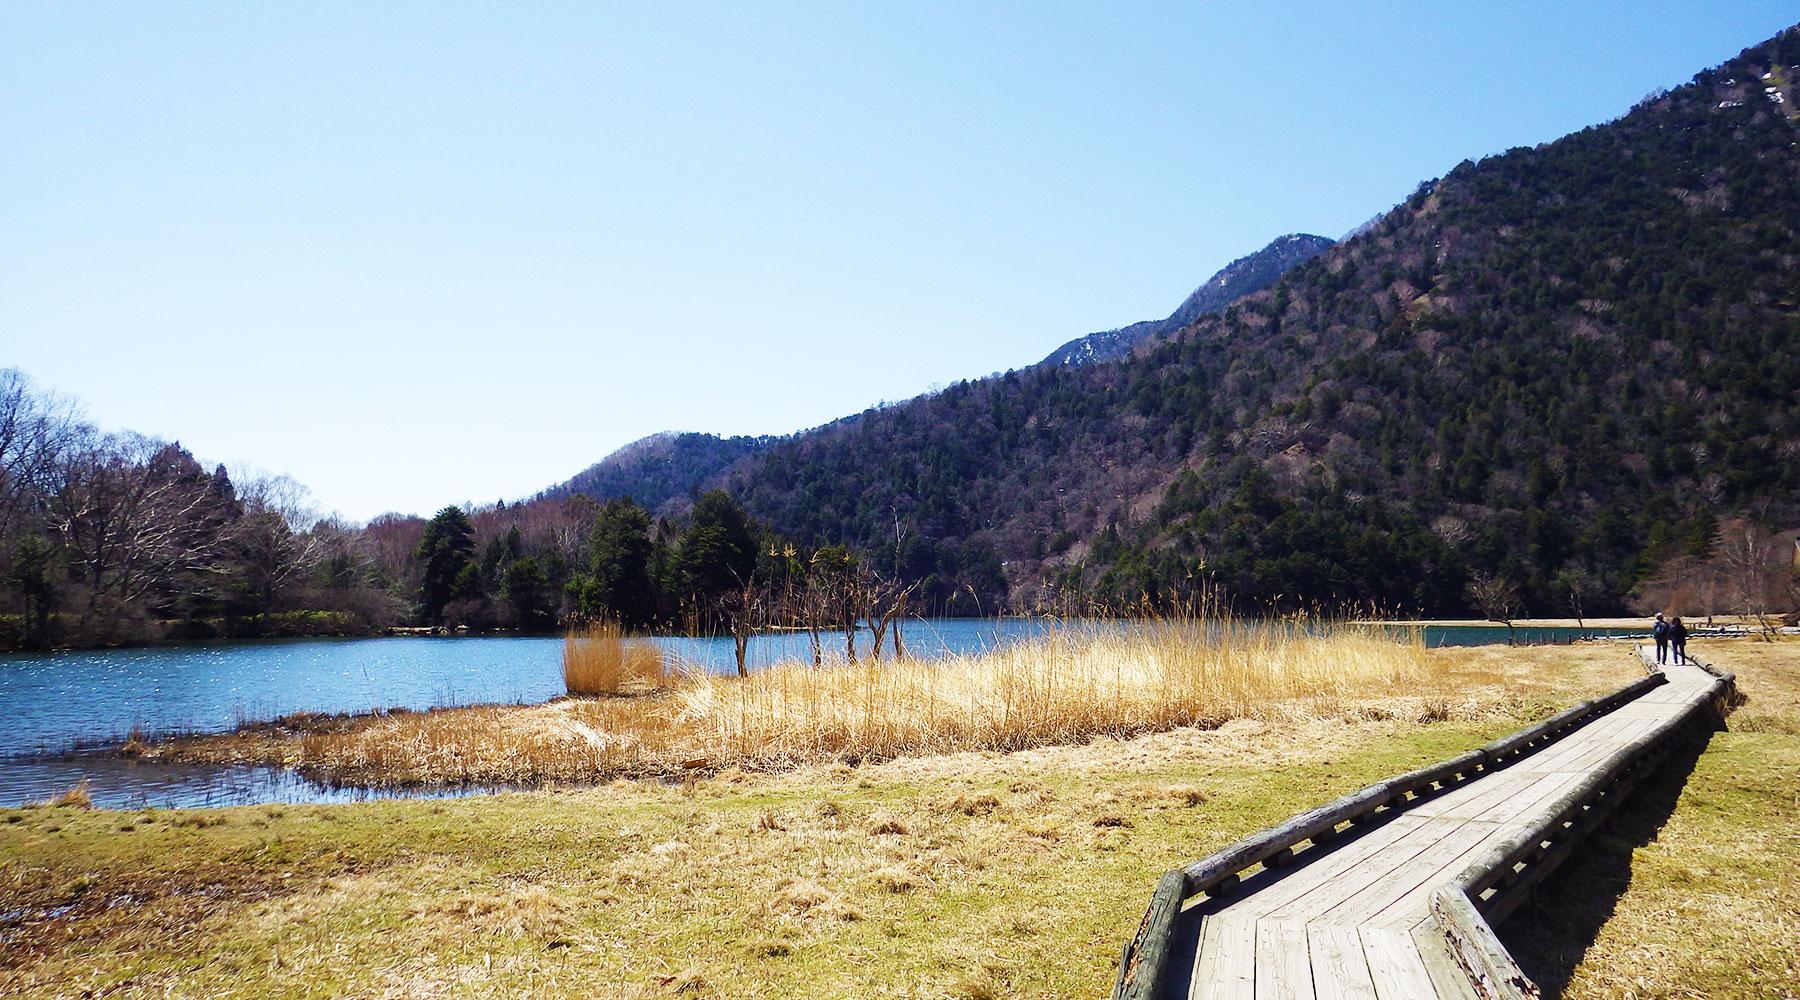 湯ノ湖北岸の木道